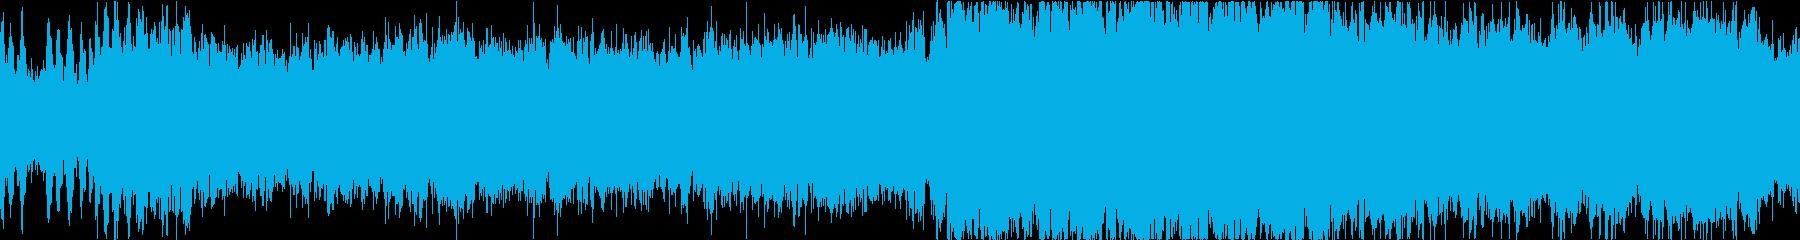 近未来なオーケストラ/テクノ ループの再生済みの波形